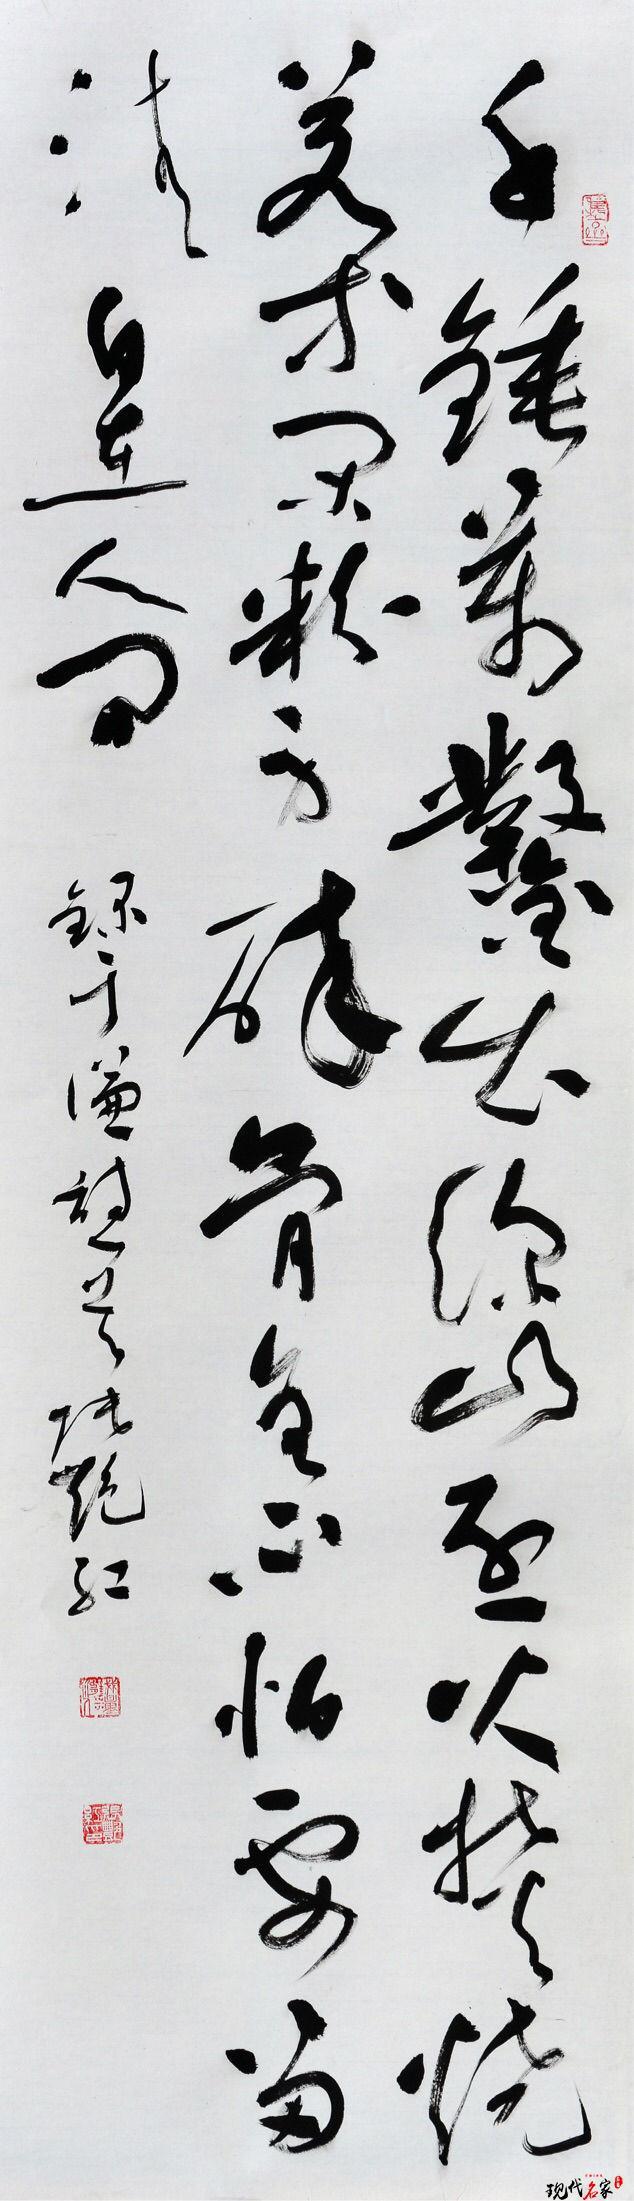 岳阳市女书法家协会-第2张